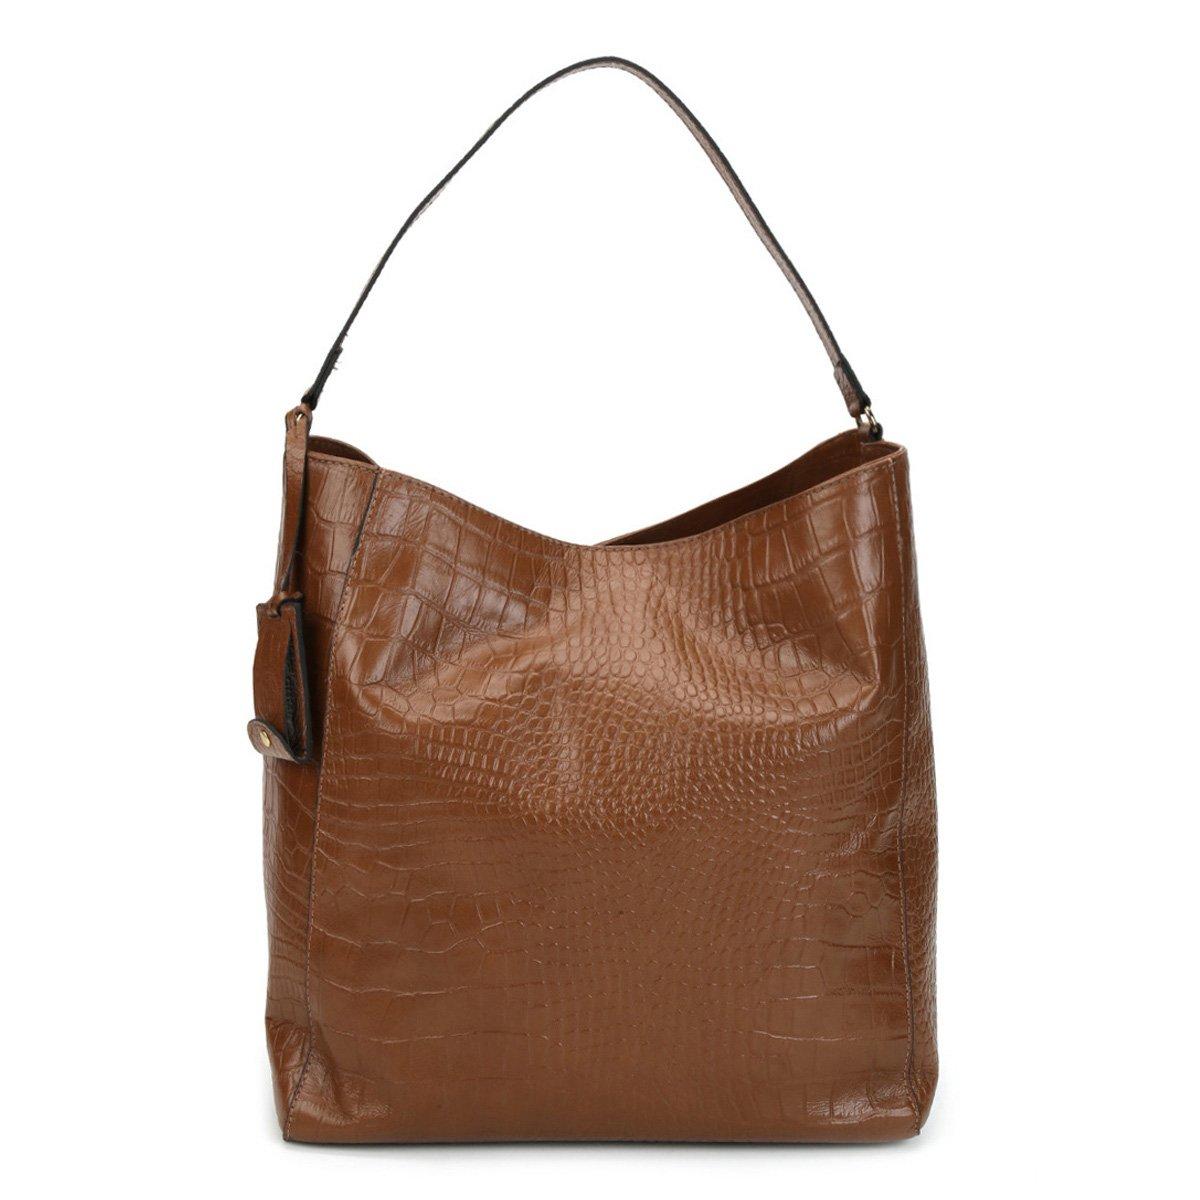 4e5c9e58a2 Bolsa Couro Shoestock Hobo Alça Dupla Croco Feminina - Compre Agora ...